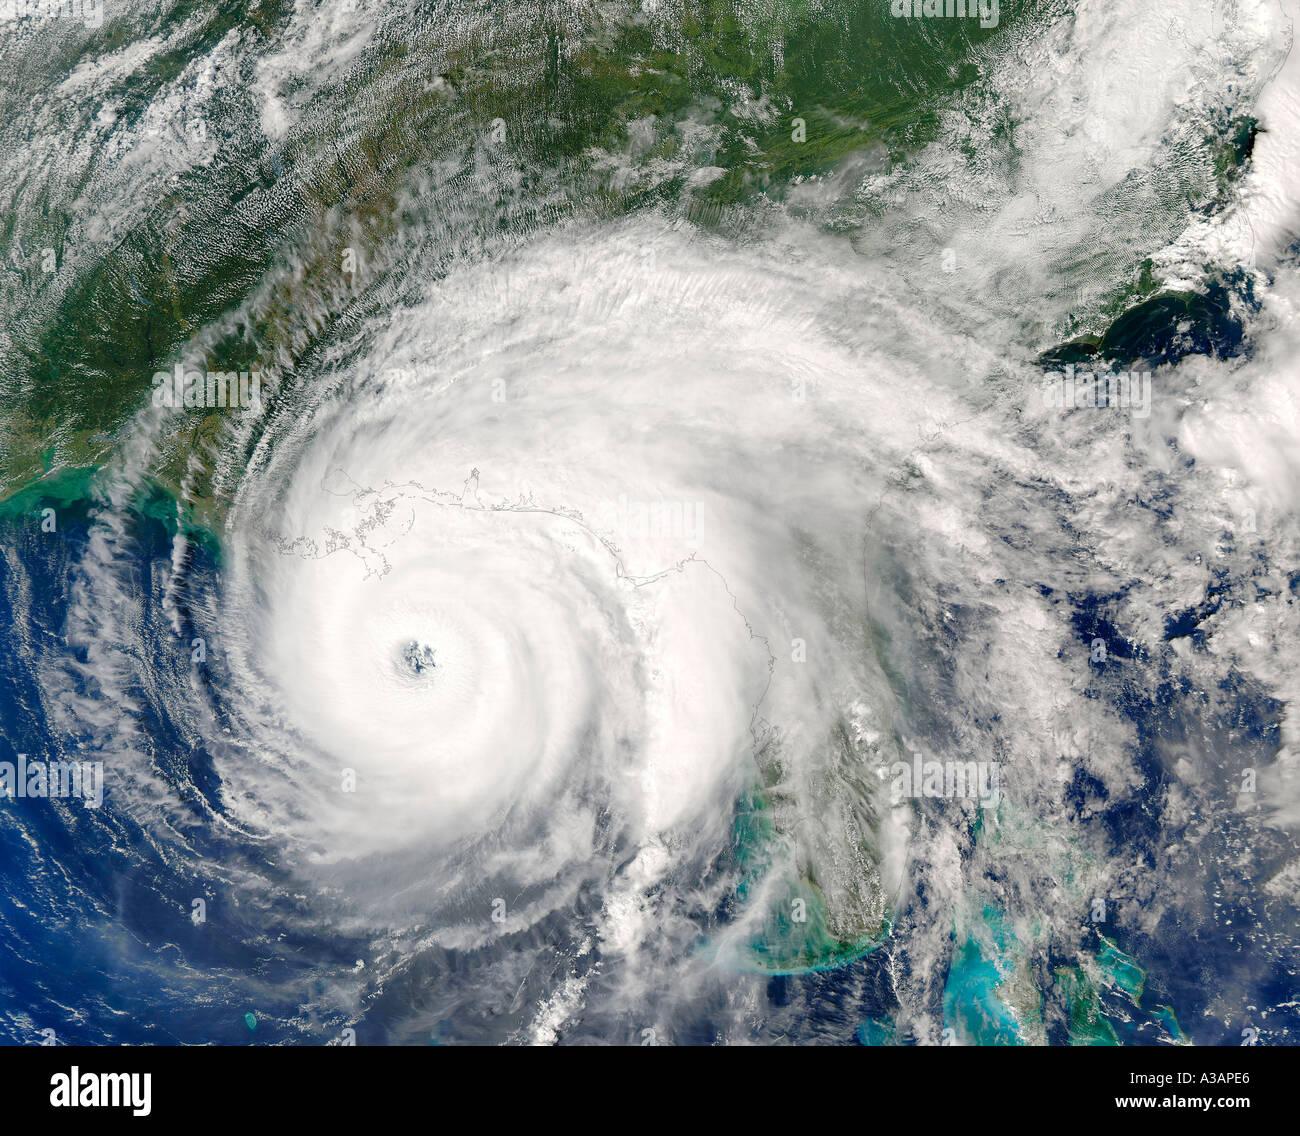 Hurrikan Ivan 09L aus südlichen Vereinigten Staaten Datum Mittwoch, 15. September 2004 Stockbild